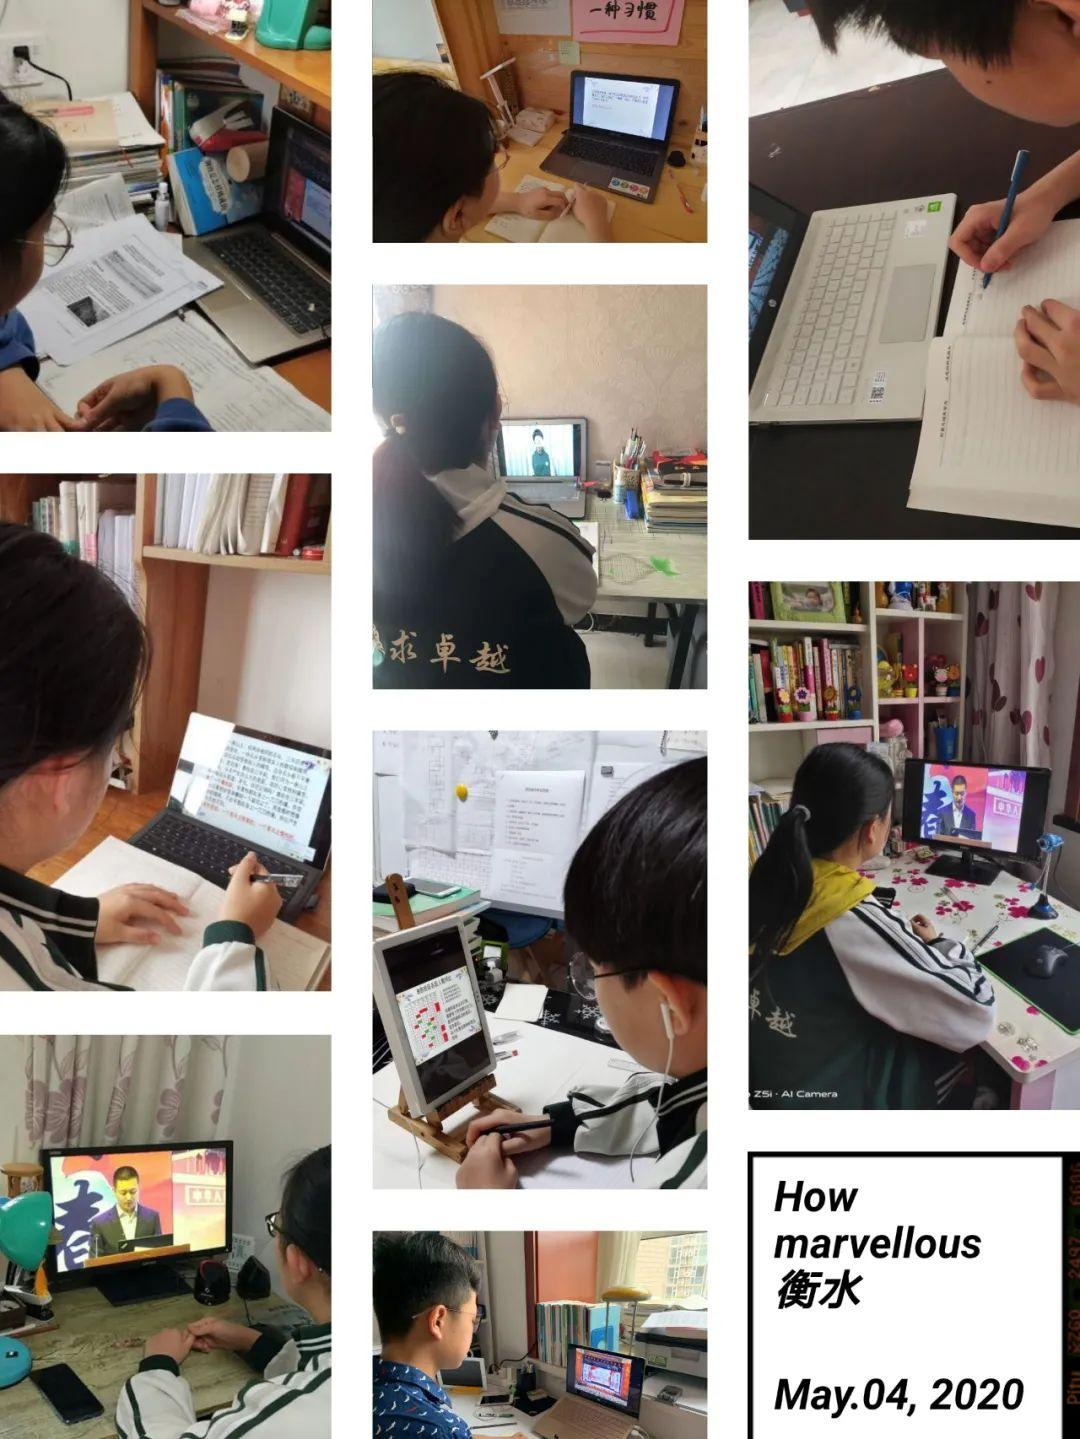 衡实丨八年级期中考后表彰大会6504 作者: 来源: 发布时间:2020-5-6 08:23